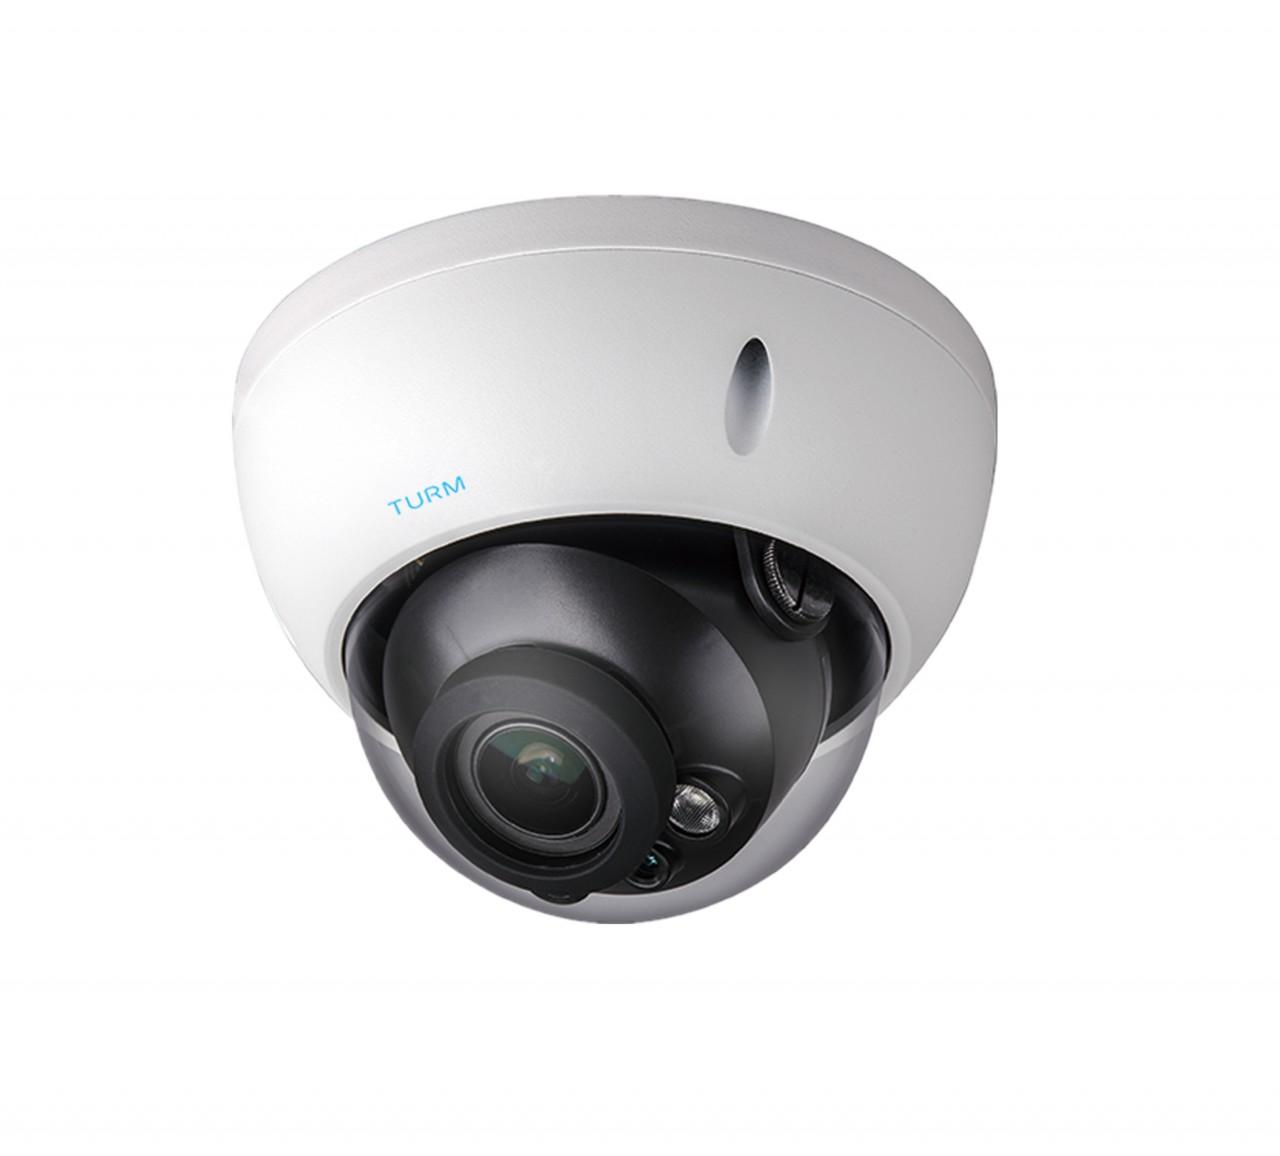 TURM HDCVI Lite 4 MP Dome Kamera, 30m Nachtsicht, 2.7-12mm Motorzoom Objektiv